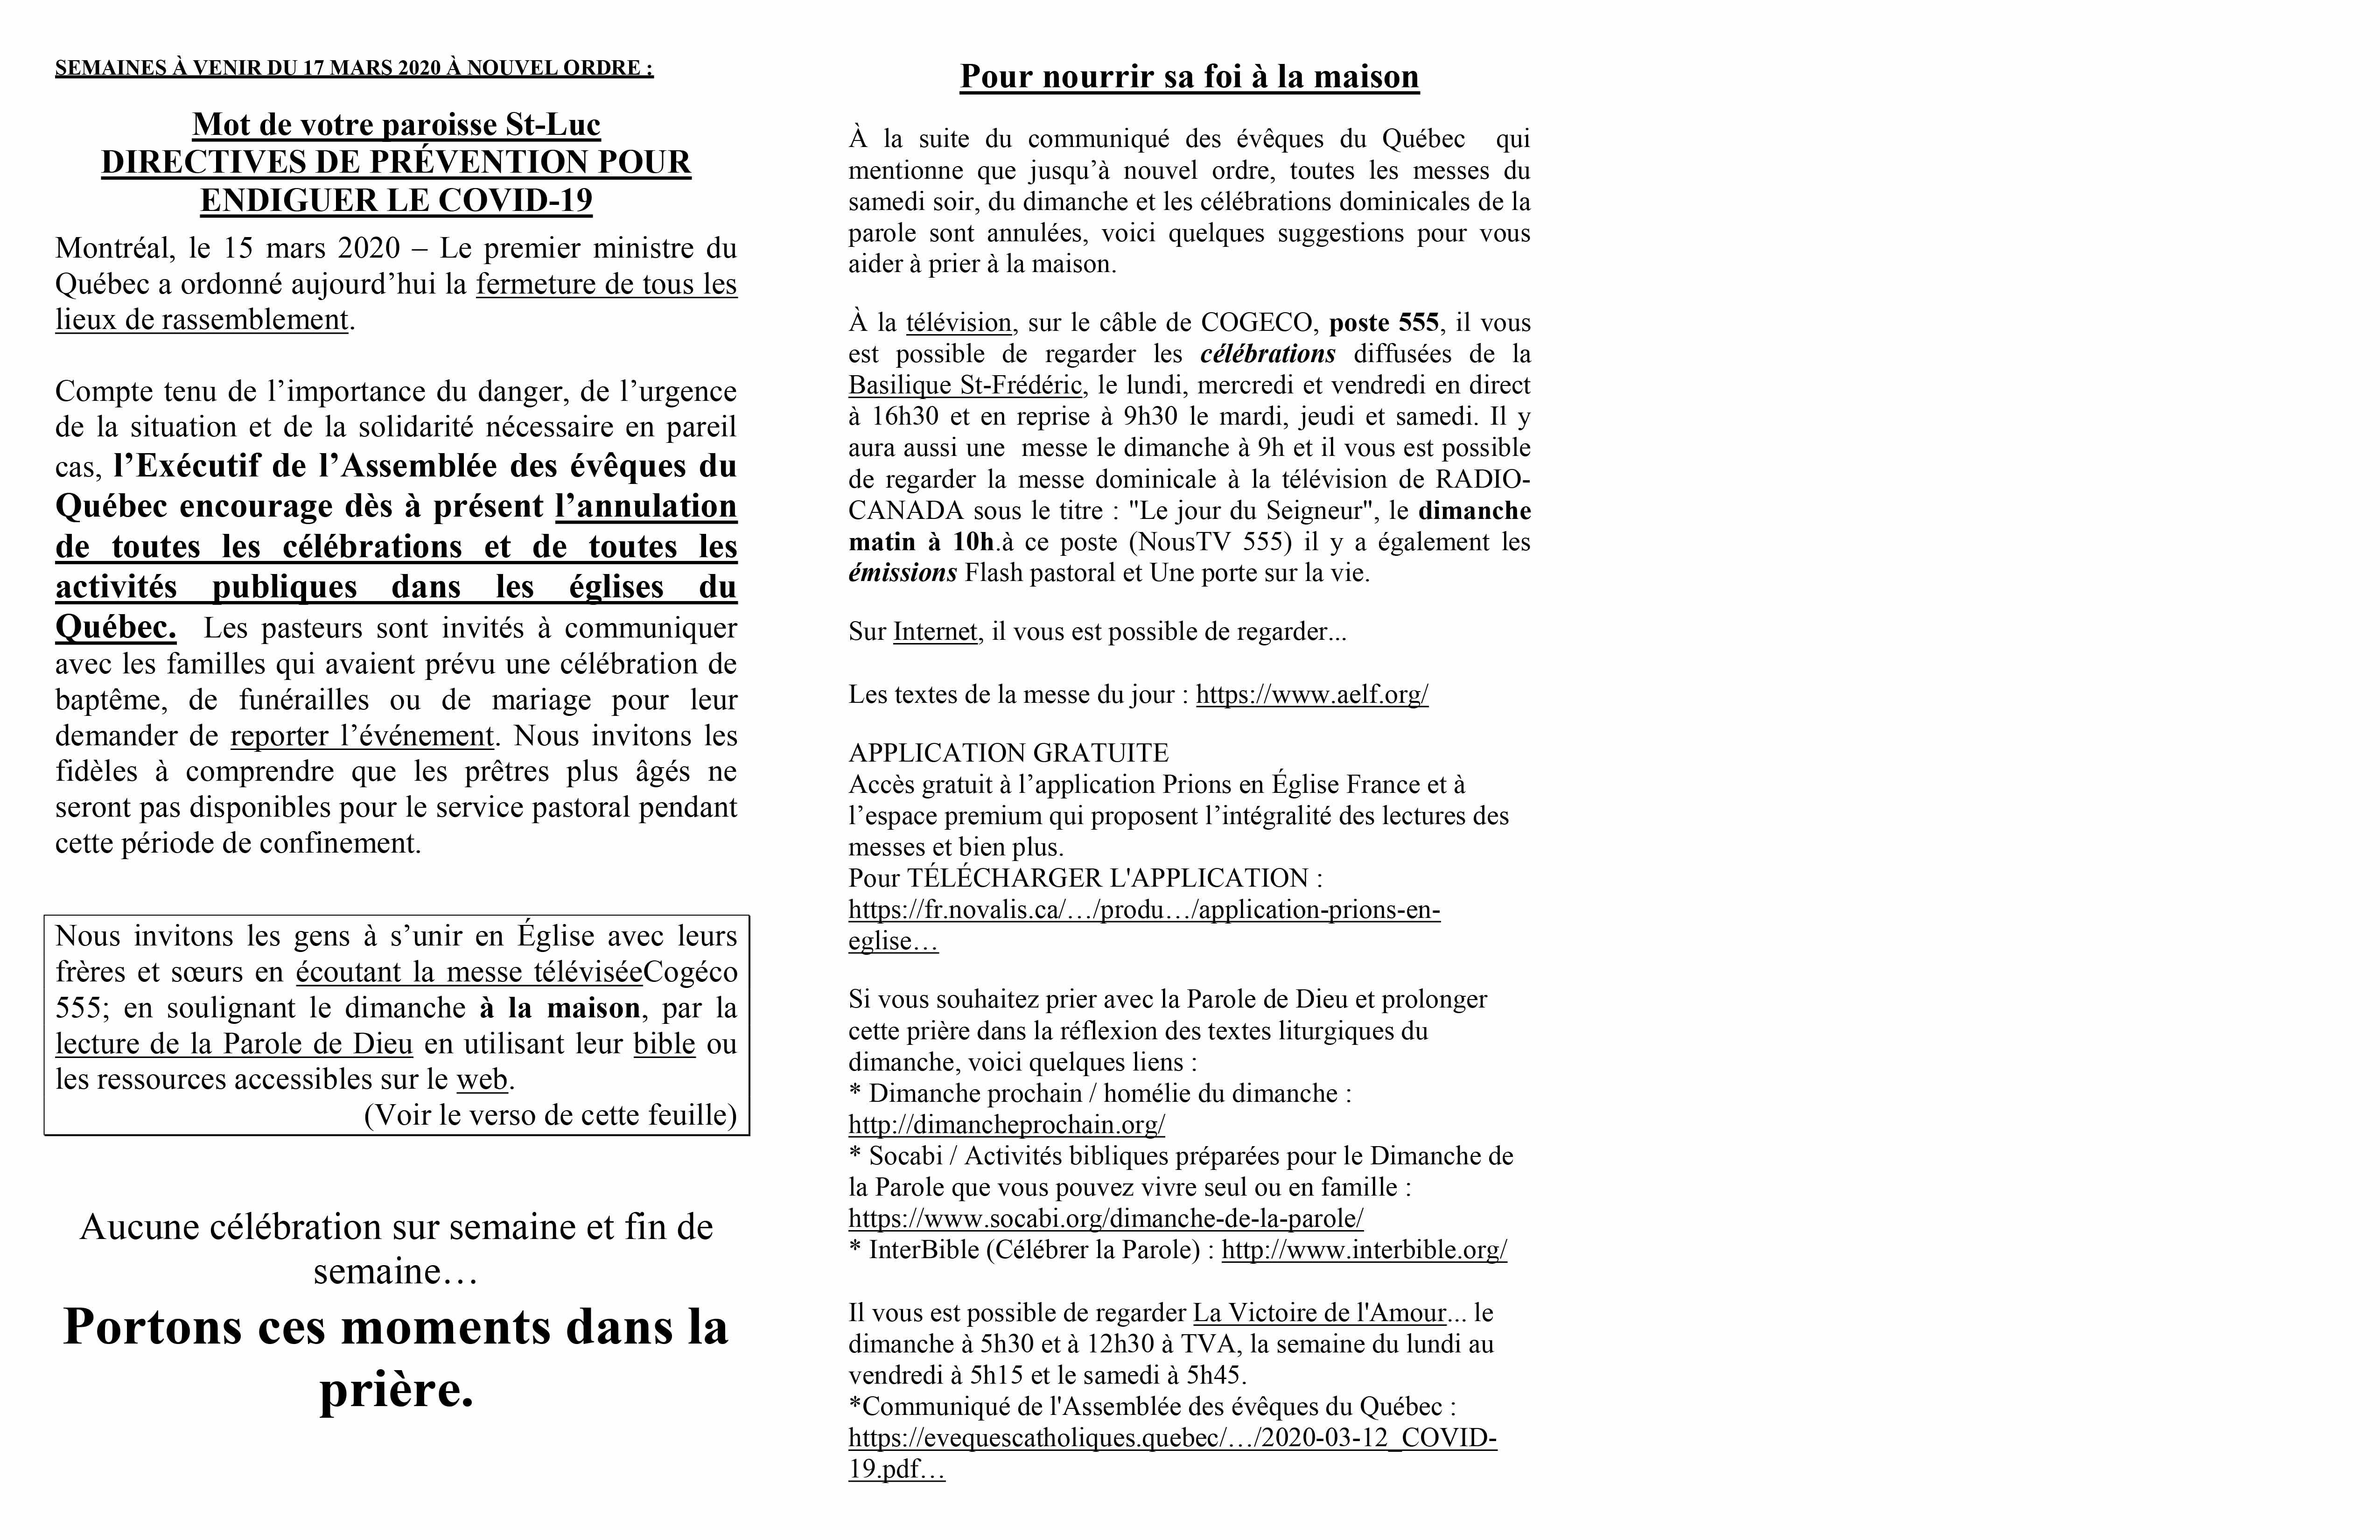 Feuillet-paroissial-St-Luc-17-mars-2020